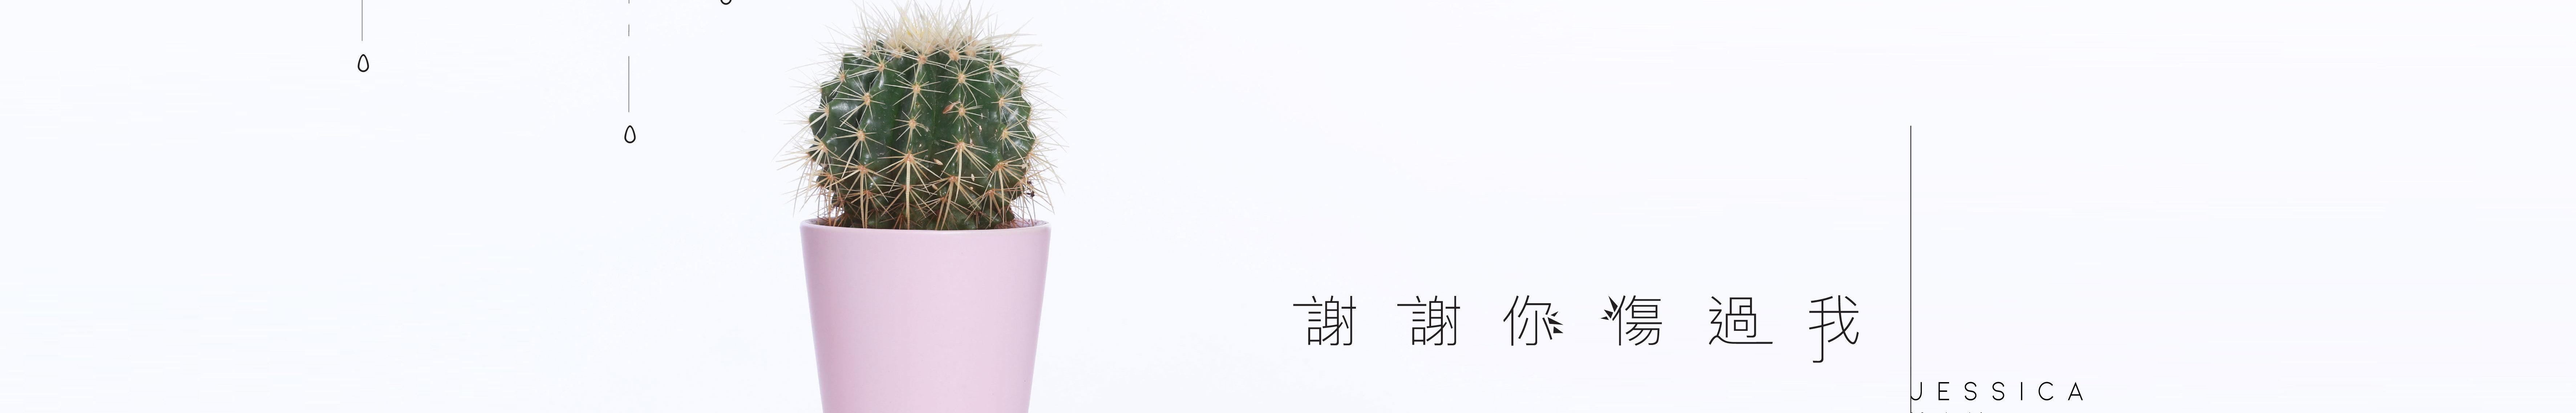 GMEMusic banner